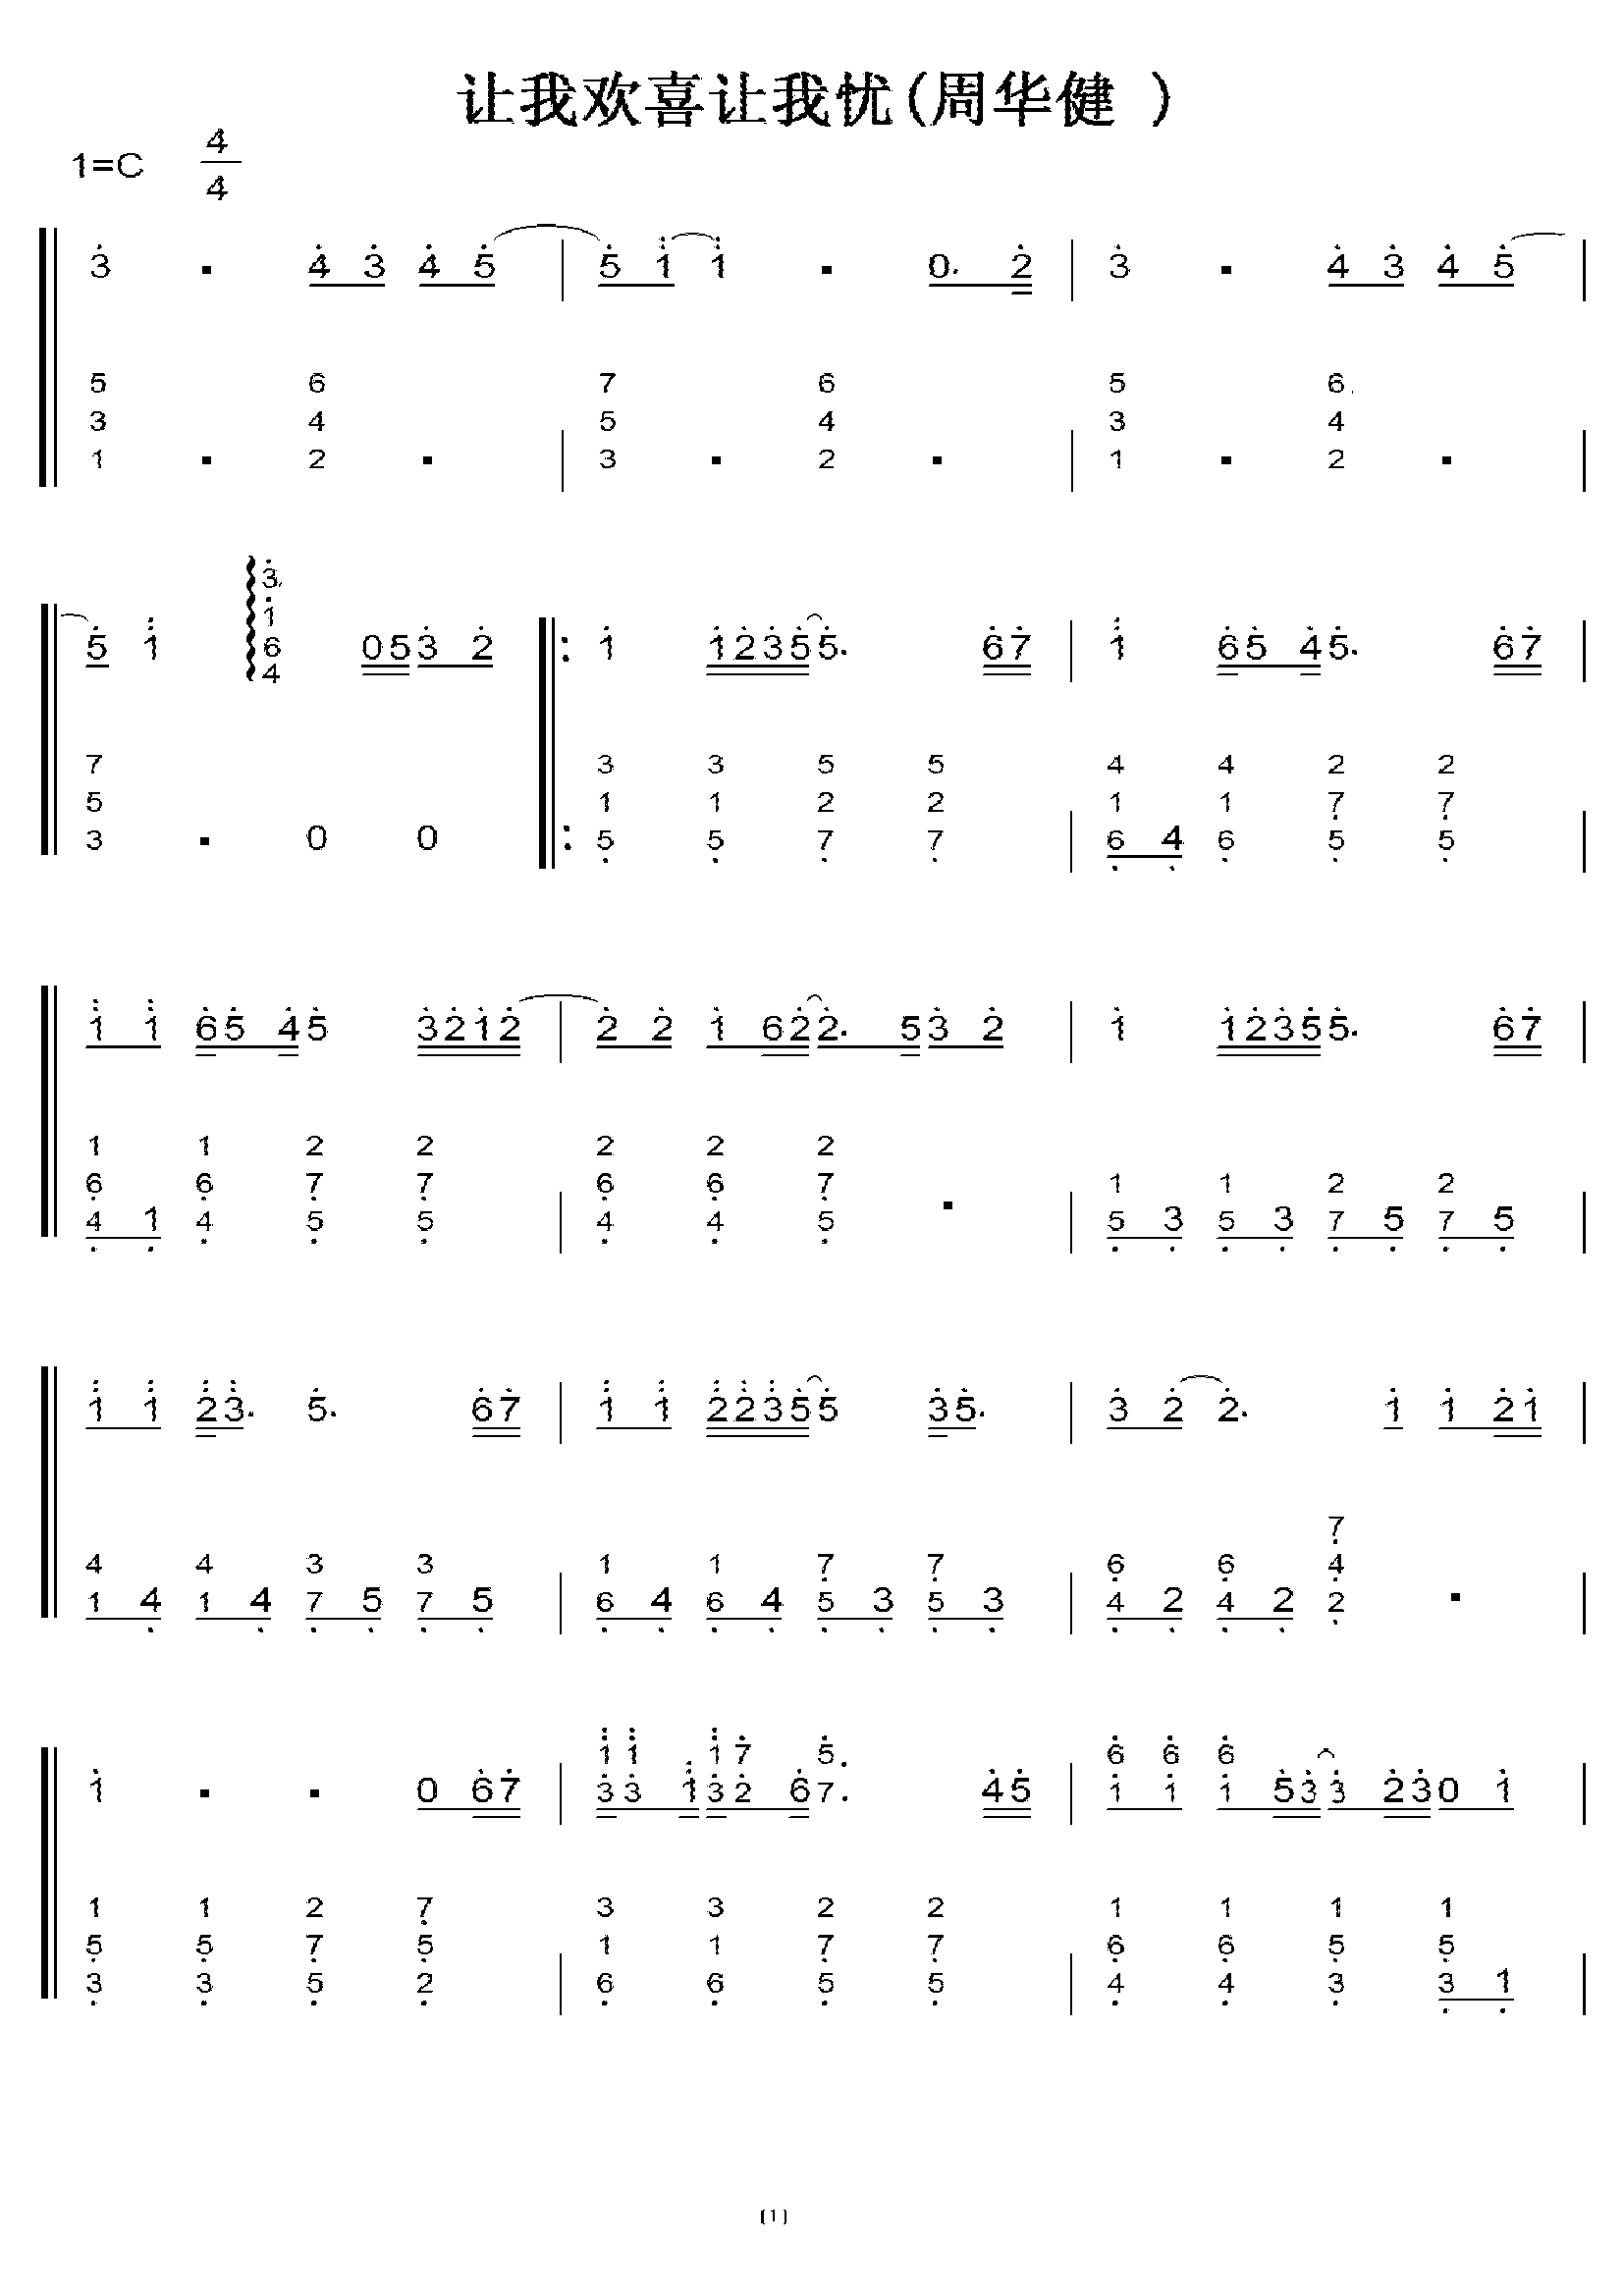 周华健 让我欢喜让我忧 初学者c调简易版 钢琴双手简谱 钢琴简谱 钢琴图片